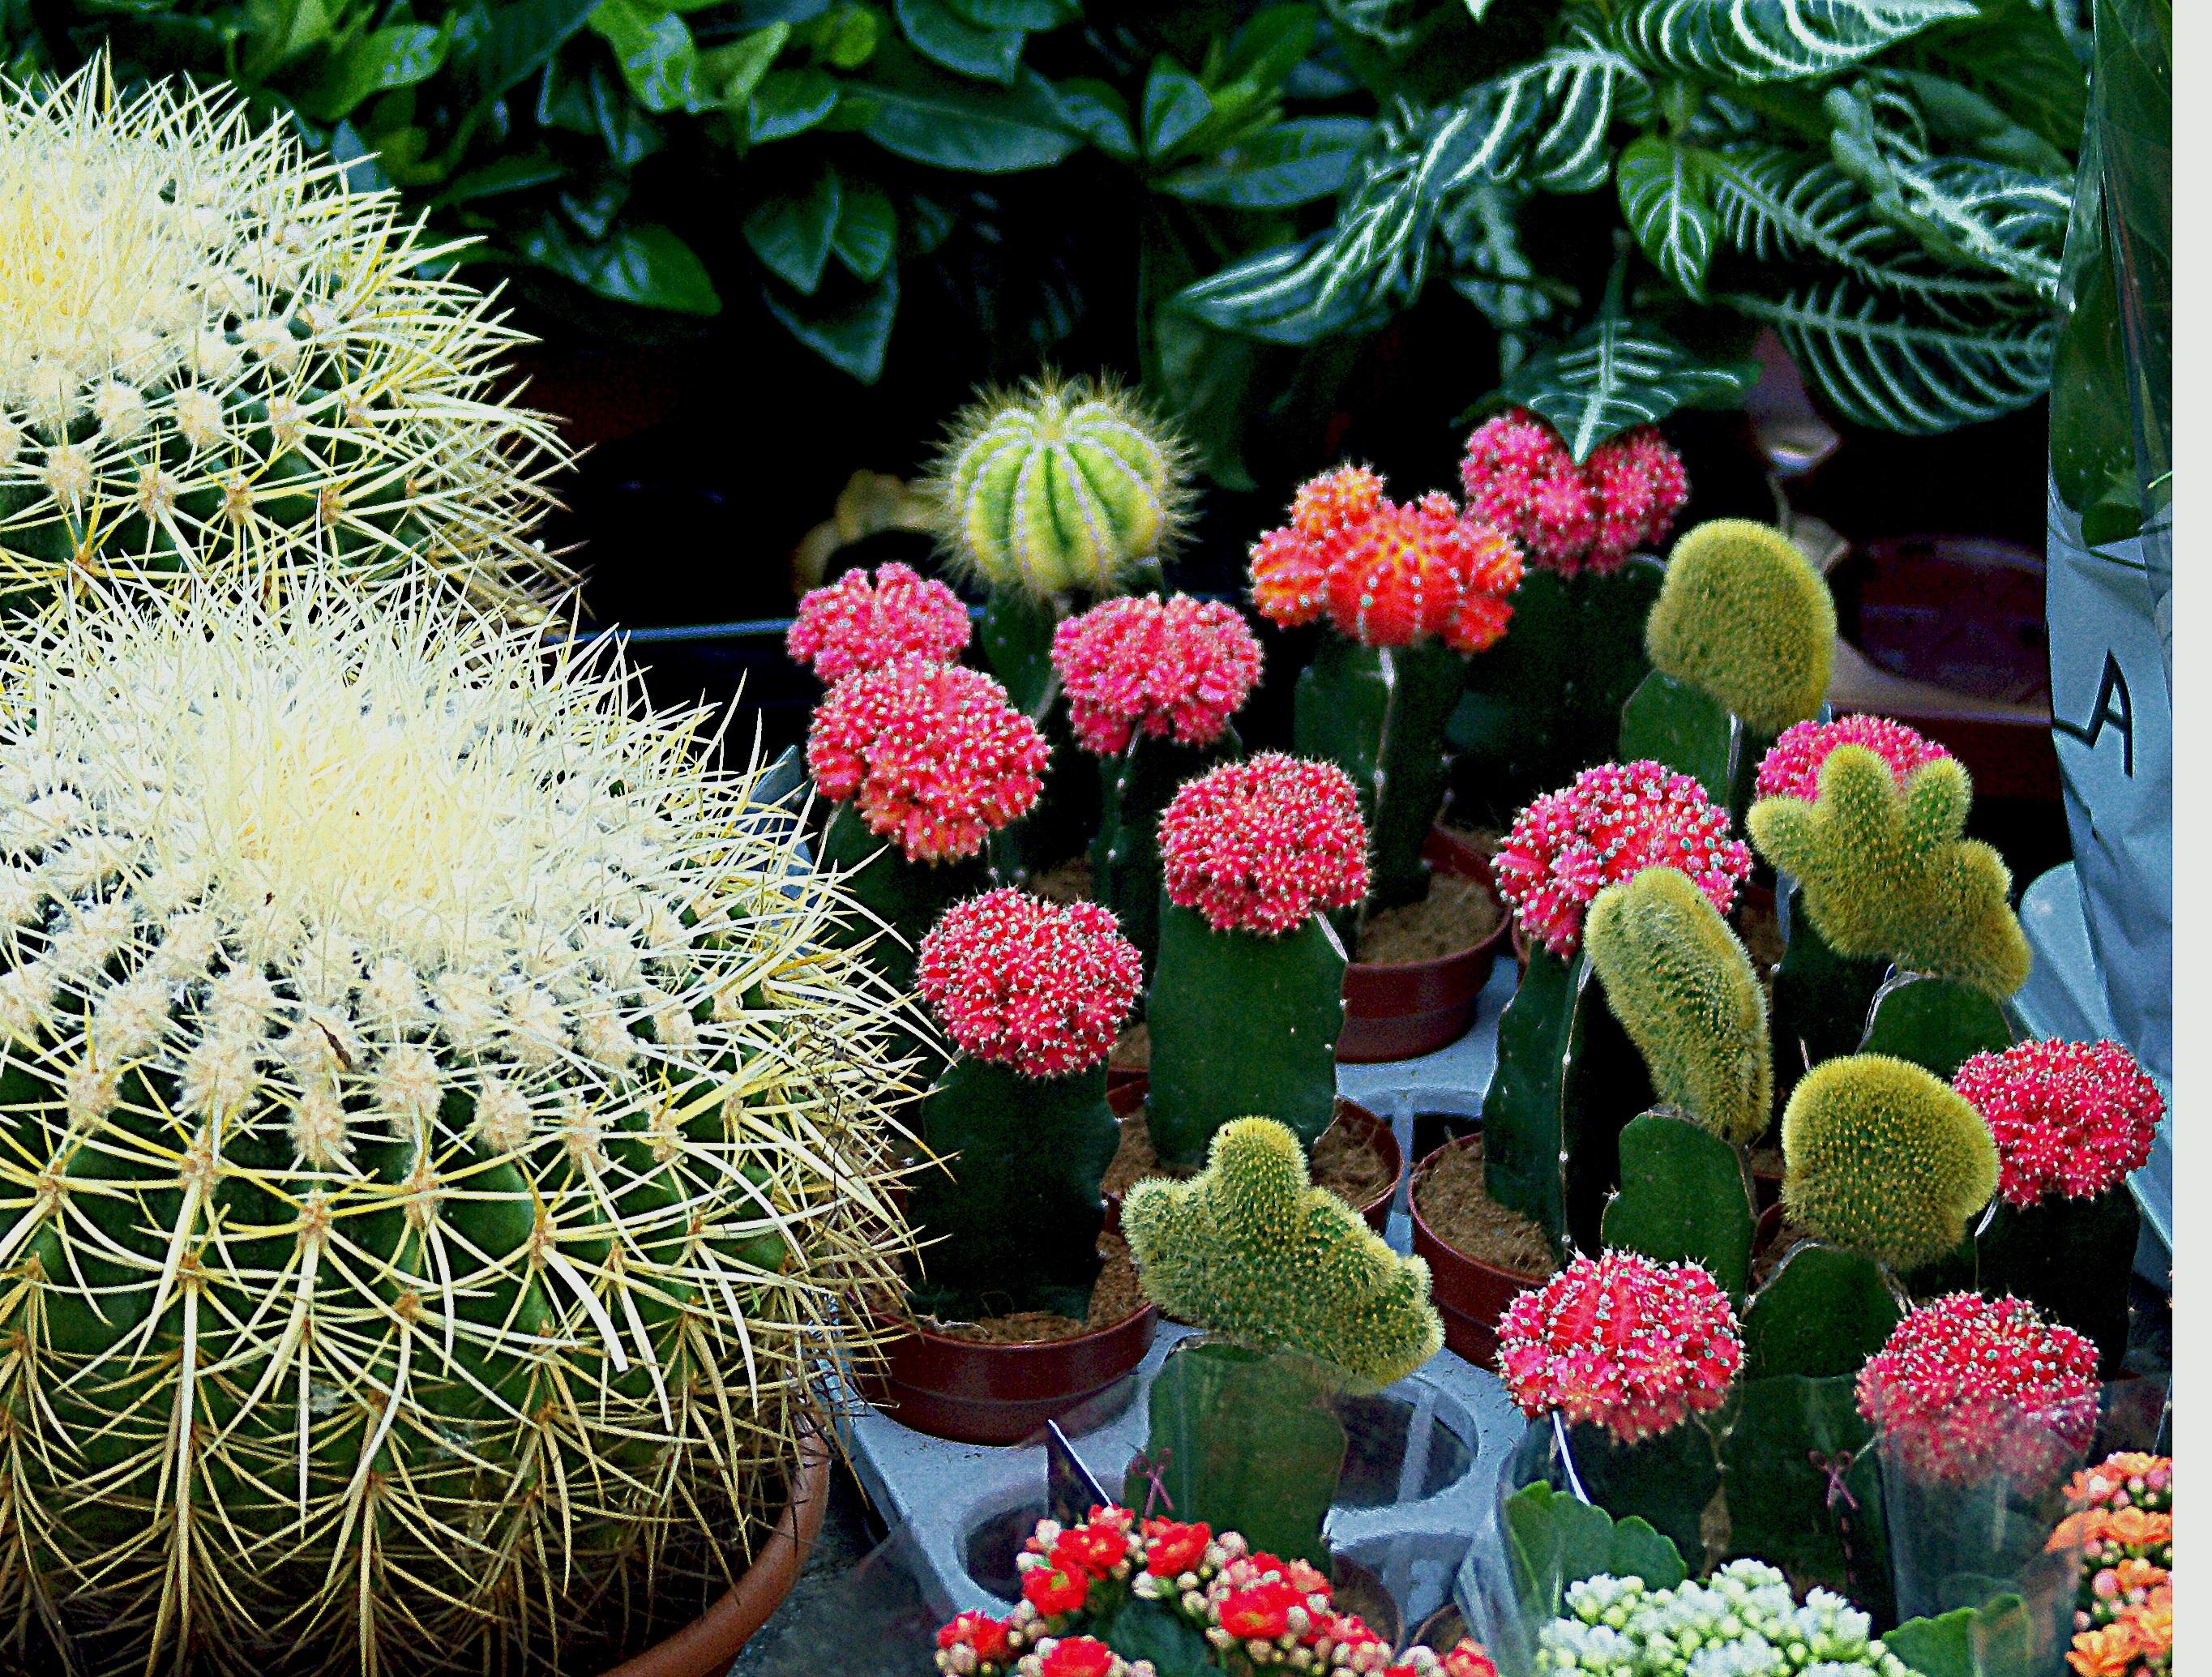 Free Images : nature, cactus, white, flower, food, produce, botany ...